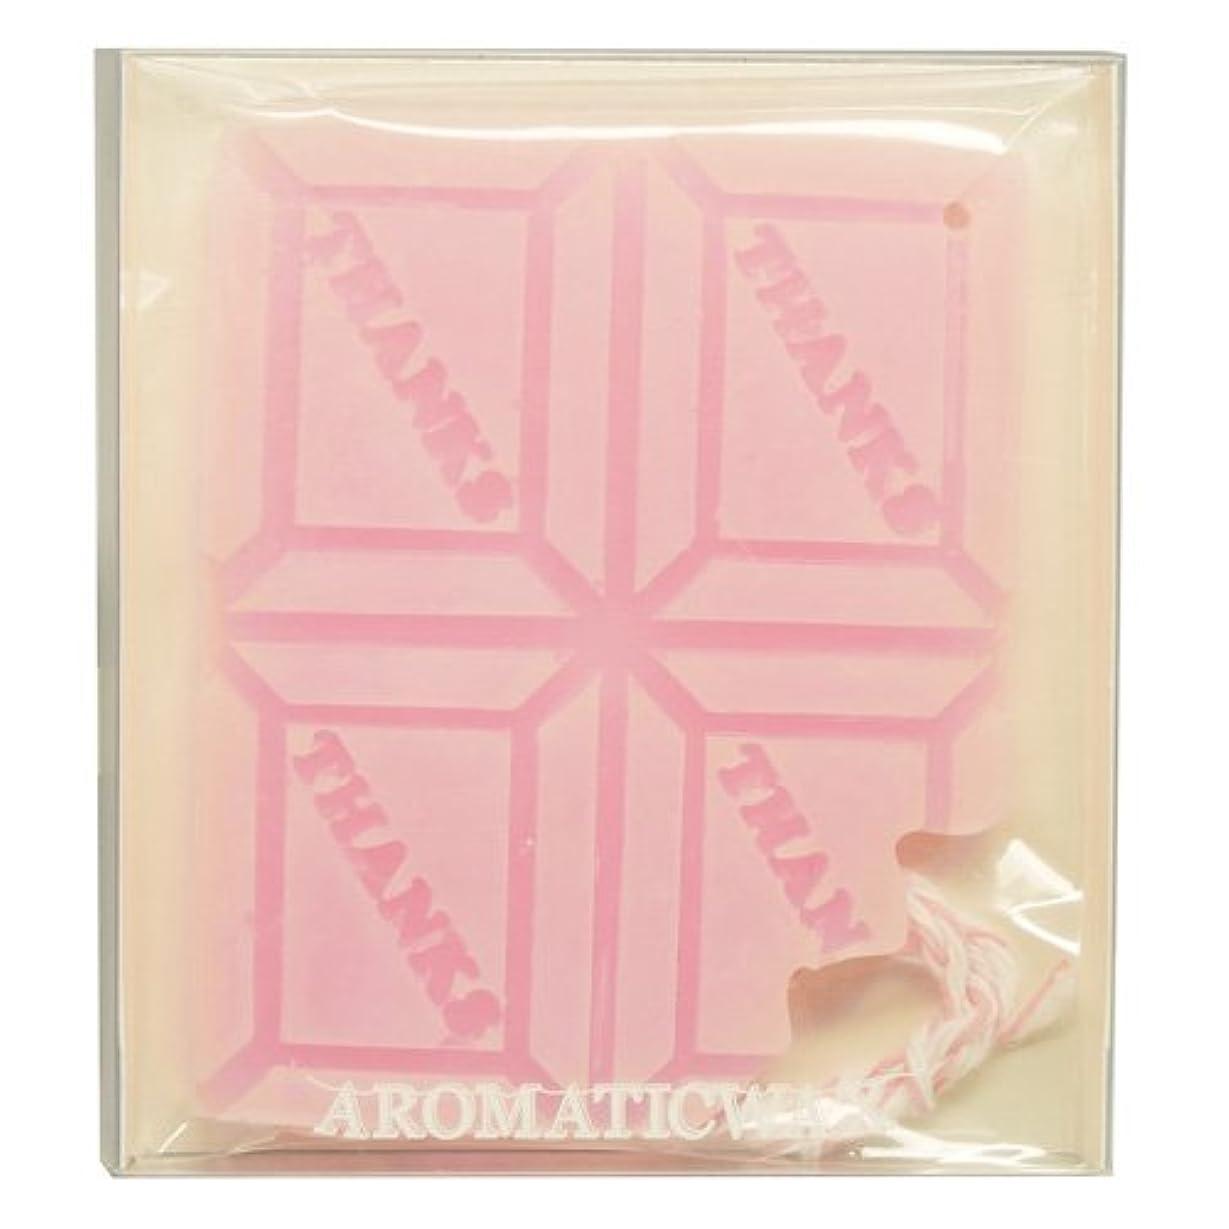 ギャップ夏ペパーミントGRASSE TOKYO AROMATICWAXチャーム「板チョコ(THANKS)」(PI) ゼラニウム アロマティックワックス グラーストウキョウ